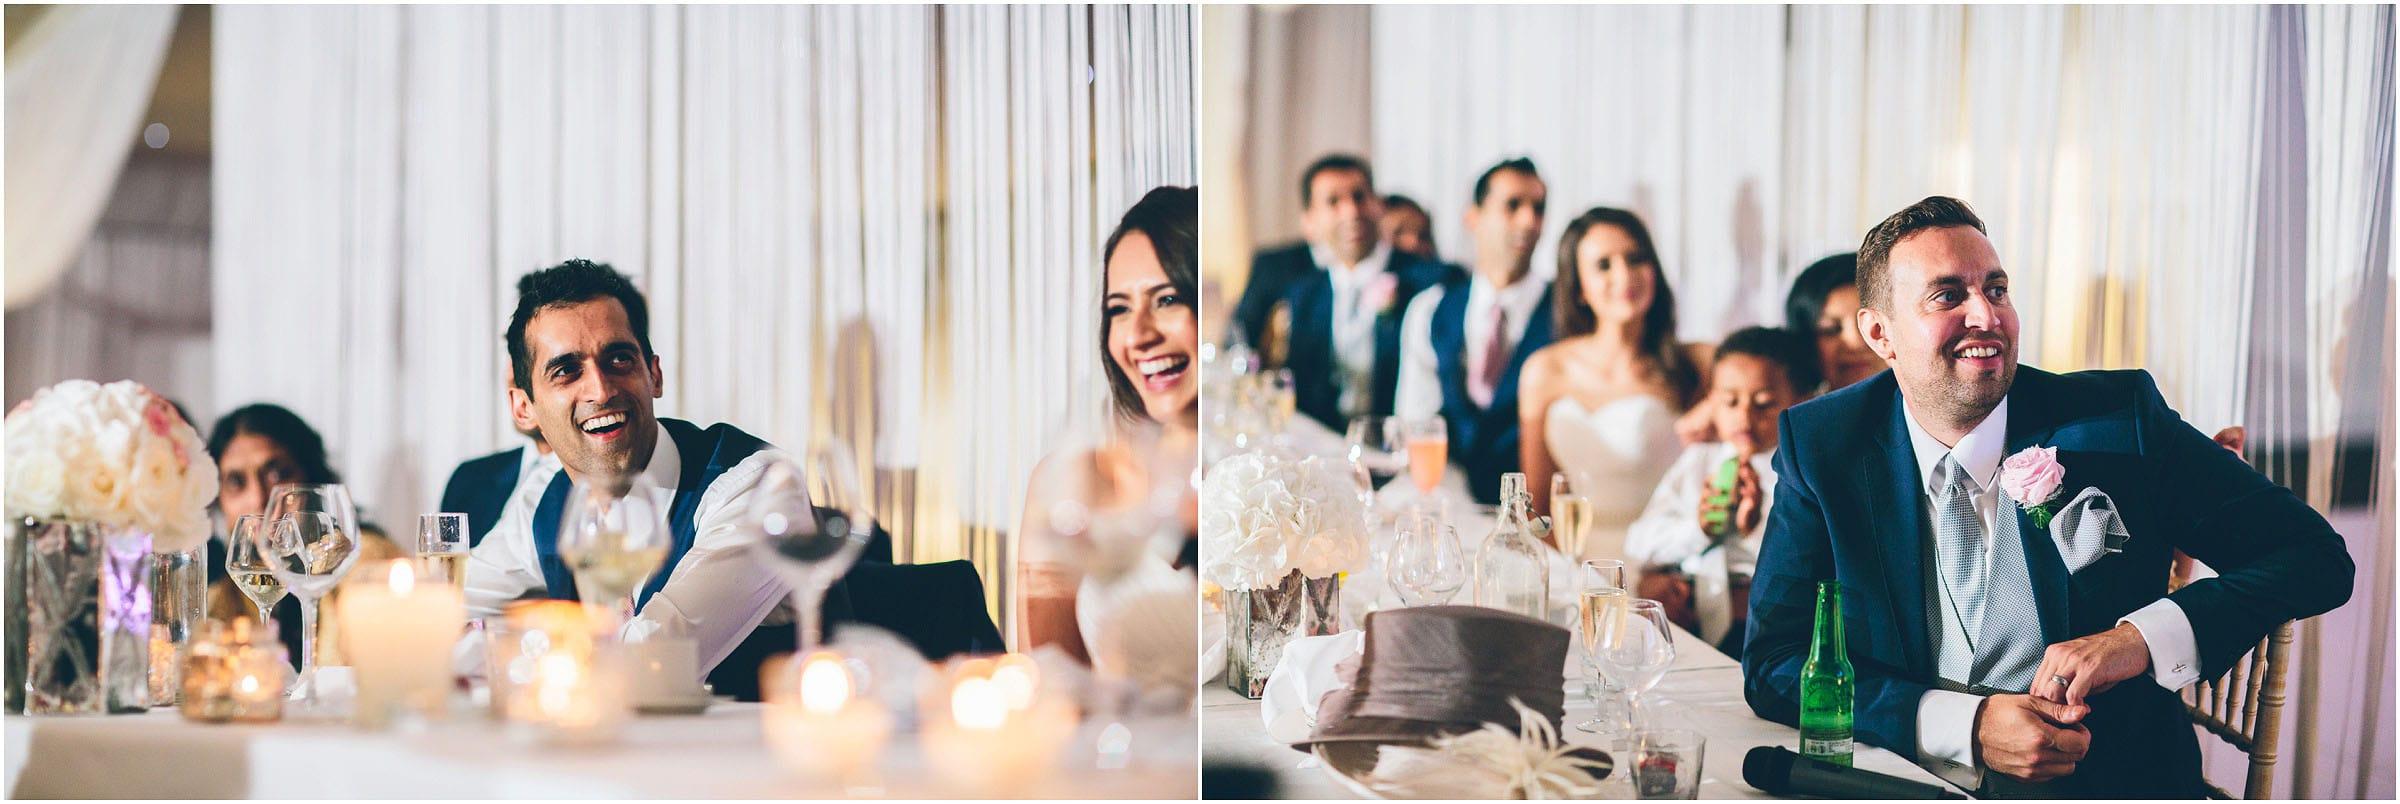 indian_wedding_0089